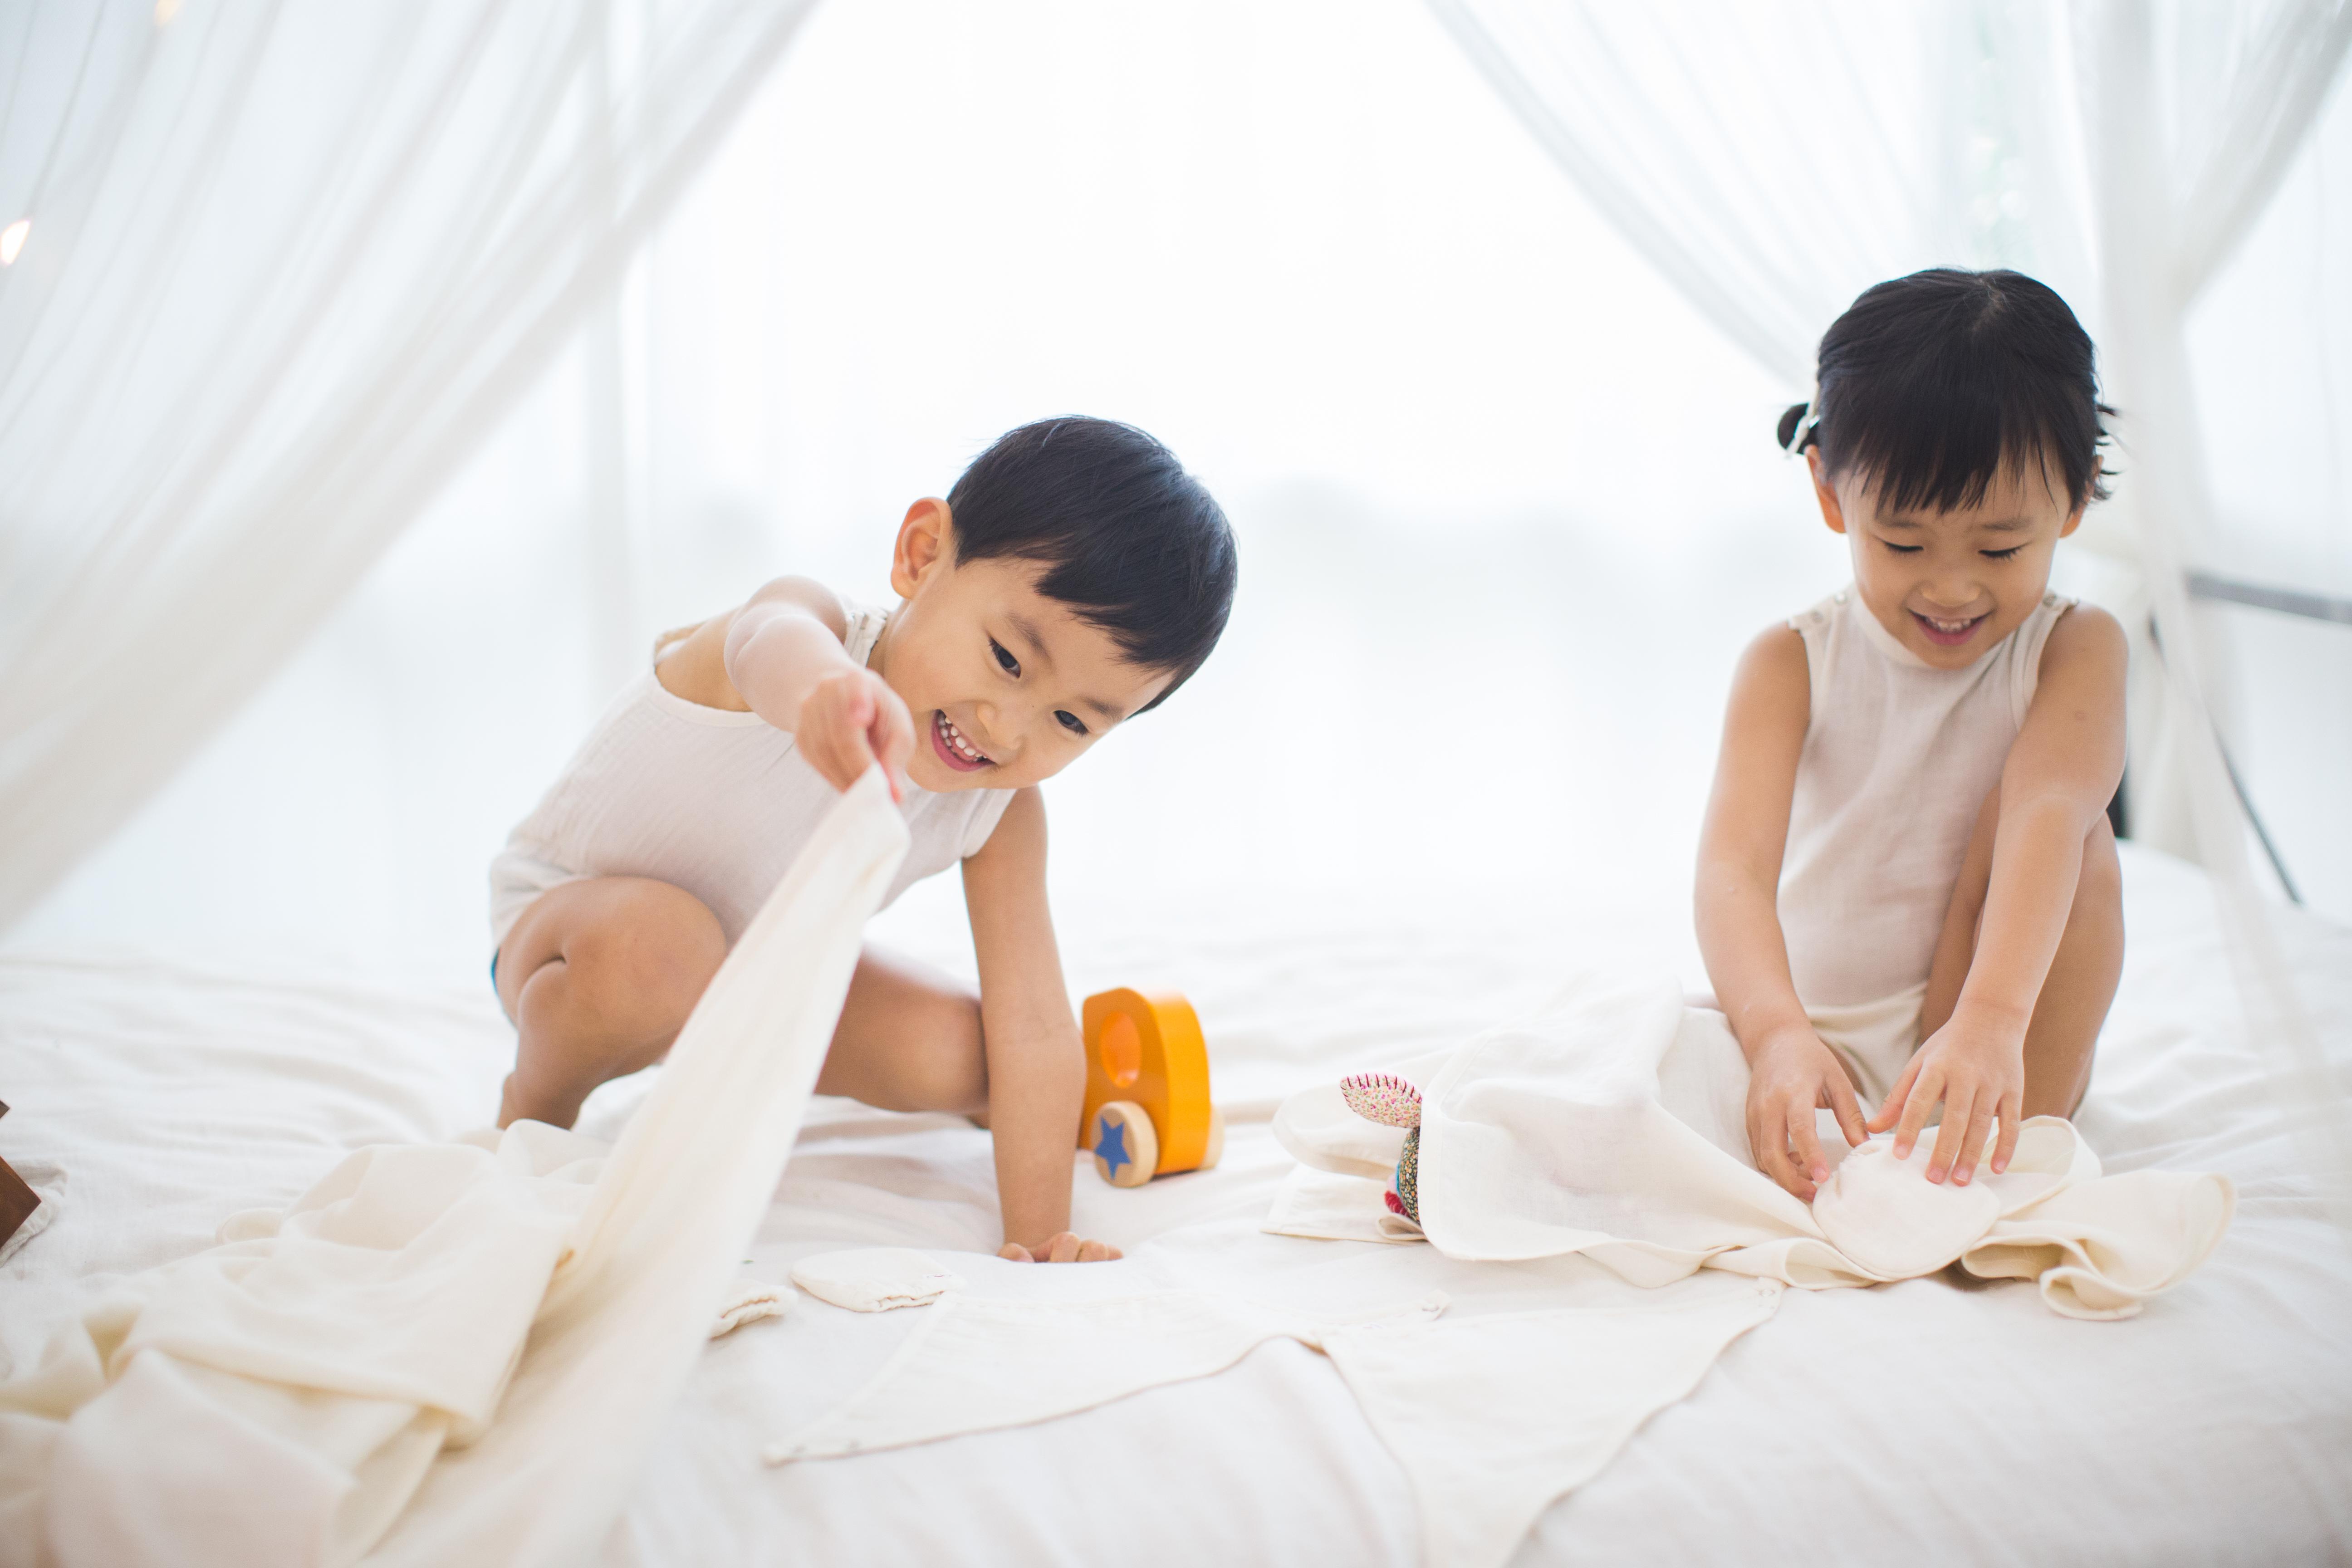 Toddler boy is lifting Pokka Kids dye free GOTS certified organic cotton blanket while wearing sleeveless baby bodysuit